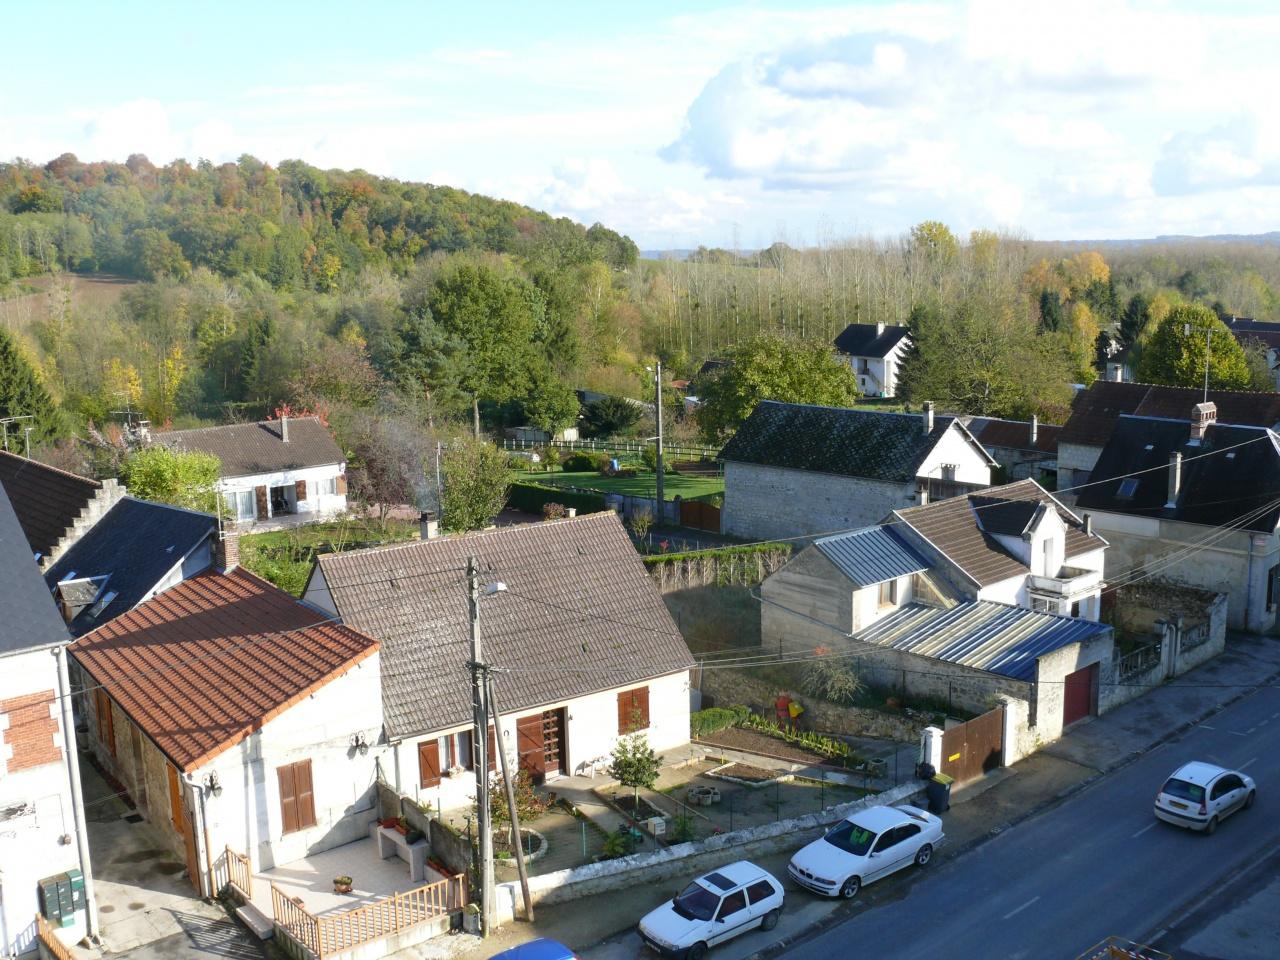 vue du haut du clocher de l'église